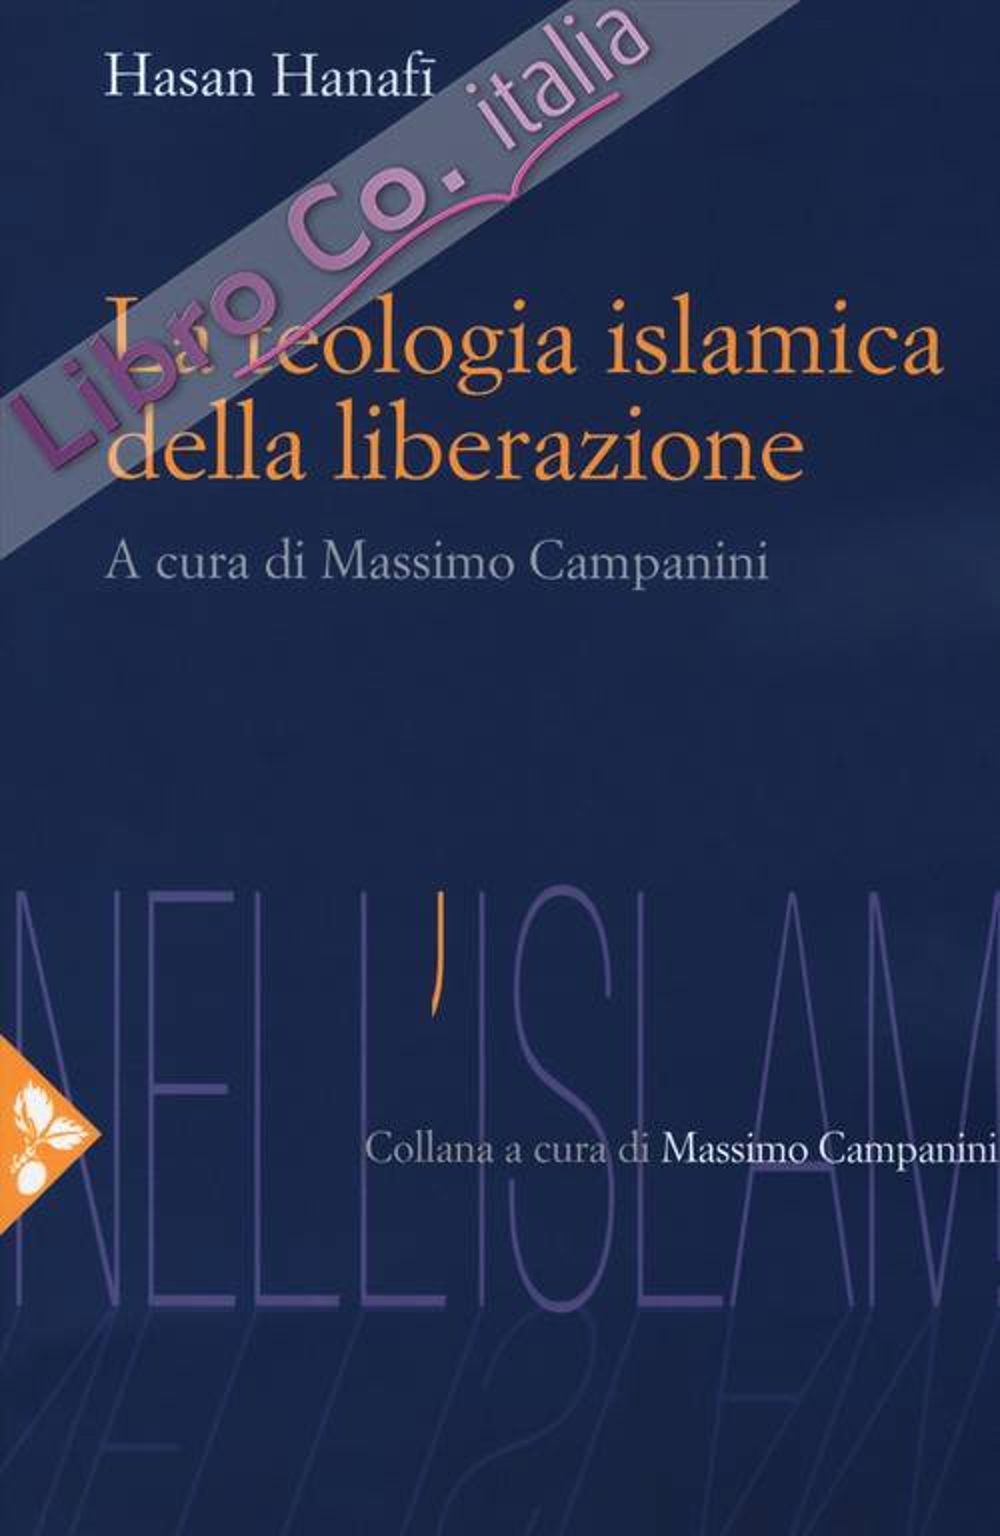 La teologia islamica della liberazione